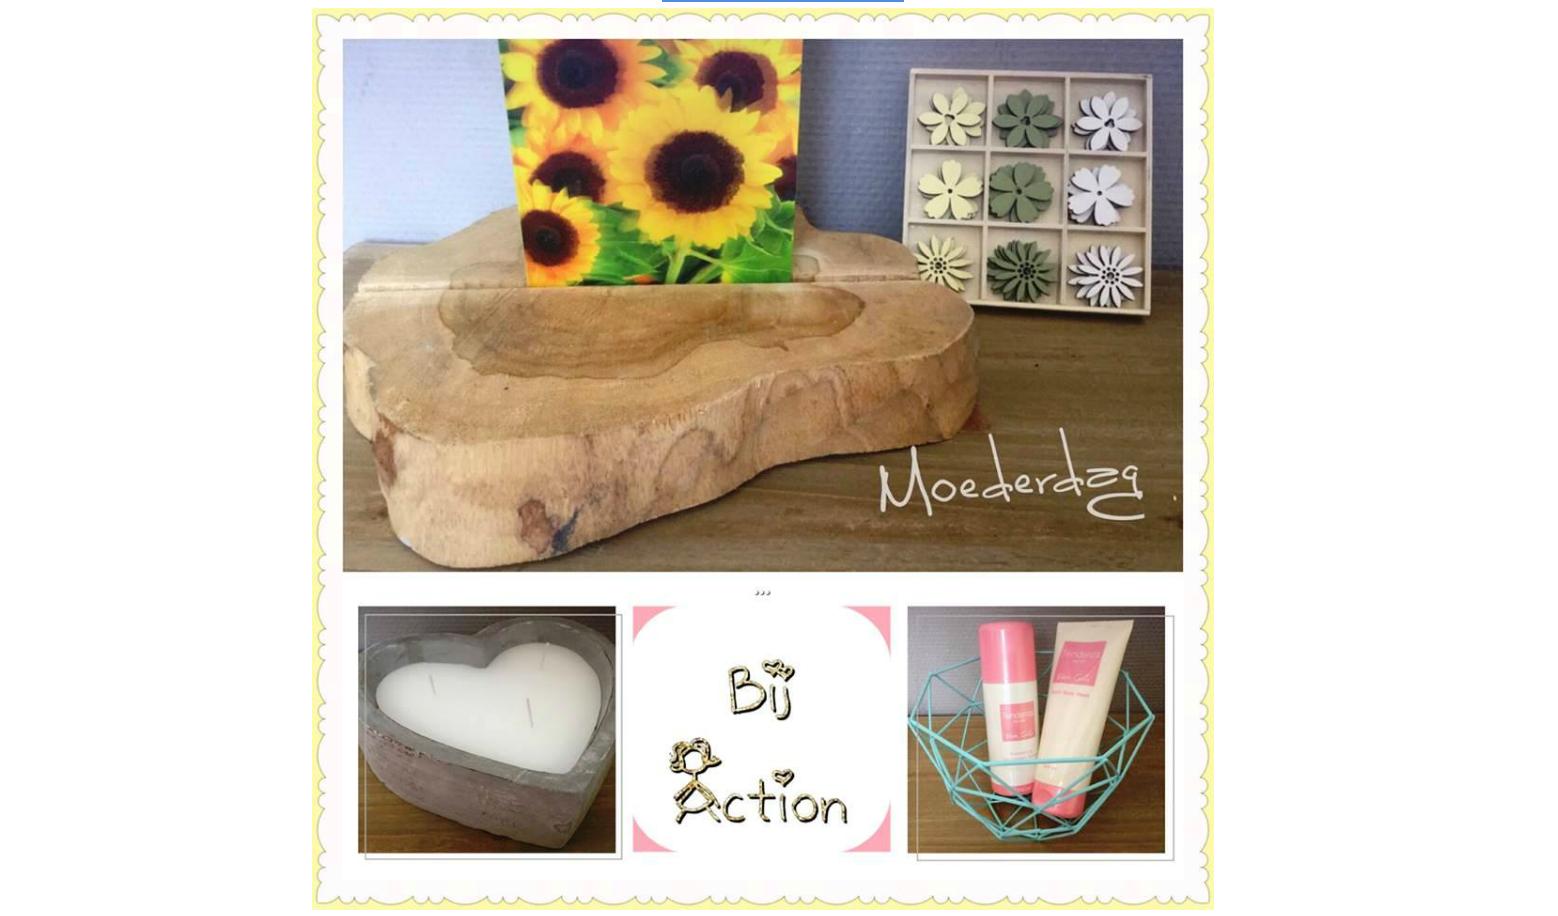 Ria Van De Action Fanpage Geeft 5 Cadeautips Voor Moederdag